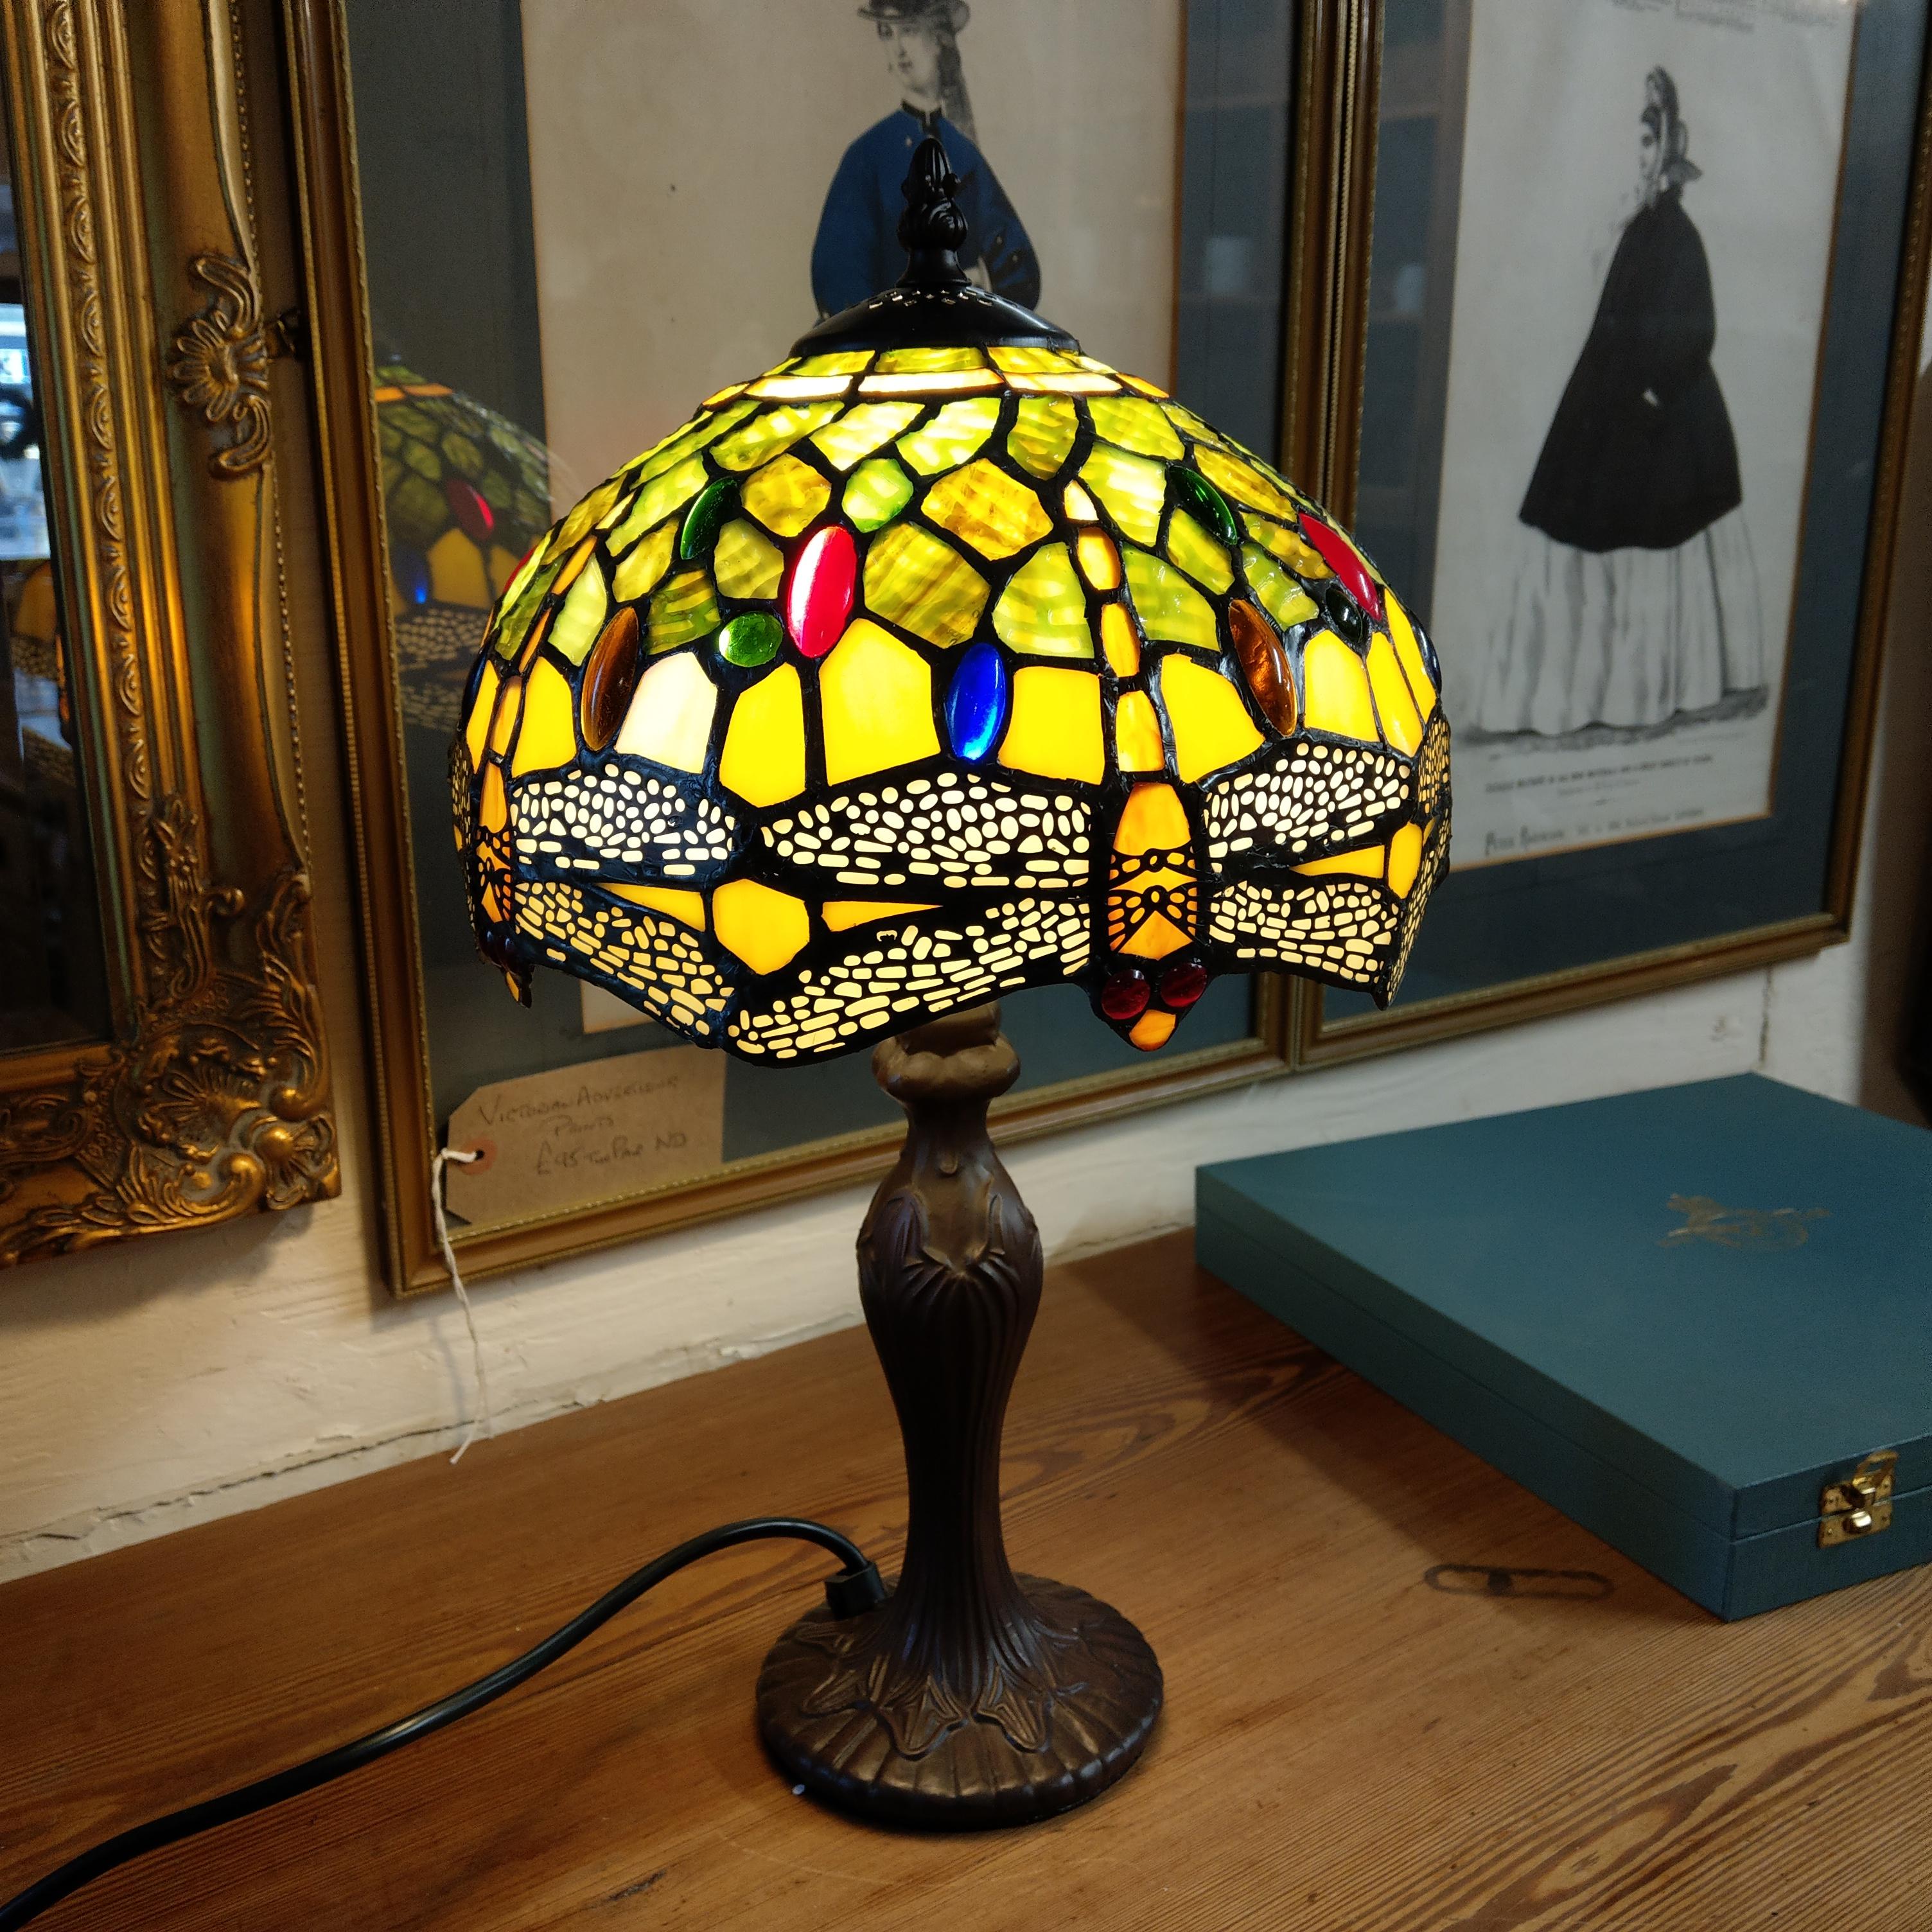 Medium Tiffany Lamp